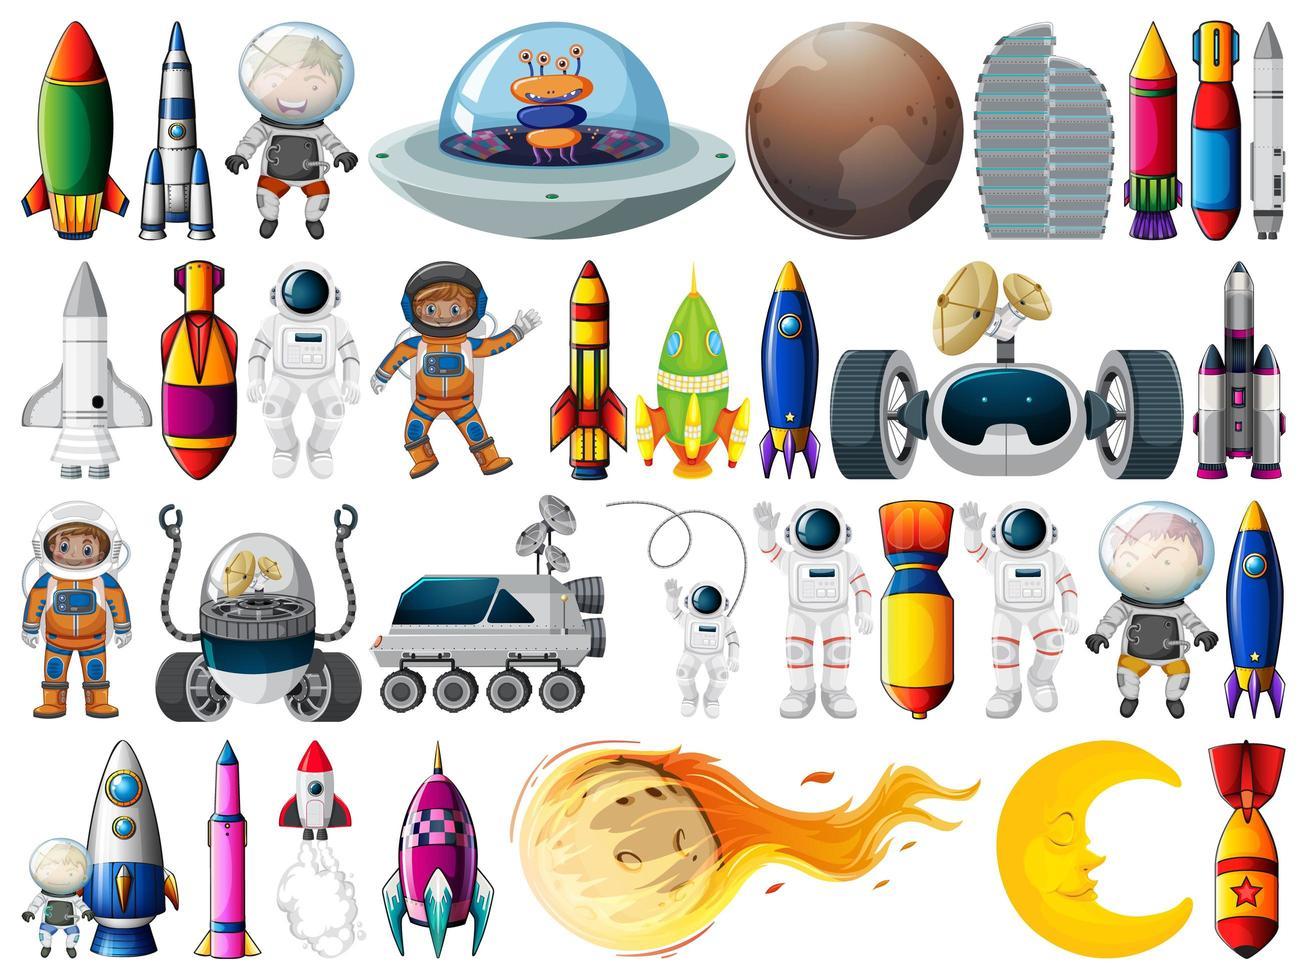 ensemble d'objets spatiaux et d'éléments isolés sur fond blanc vecteur